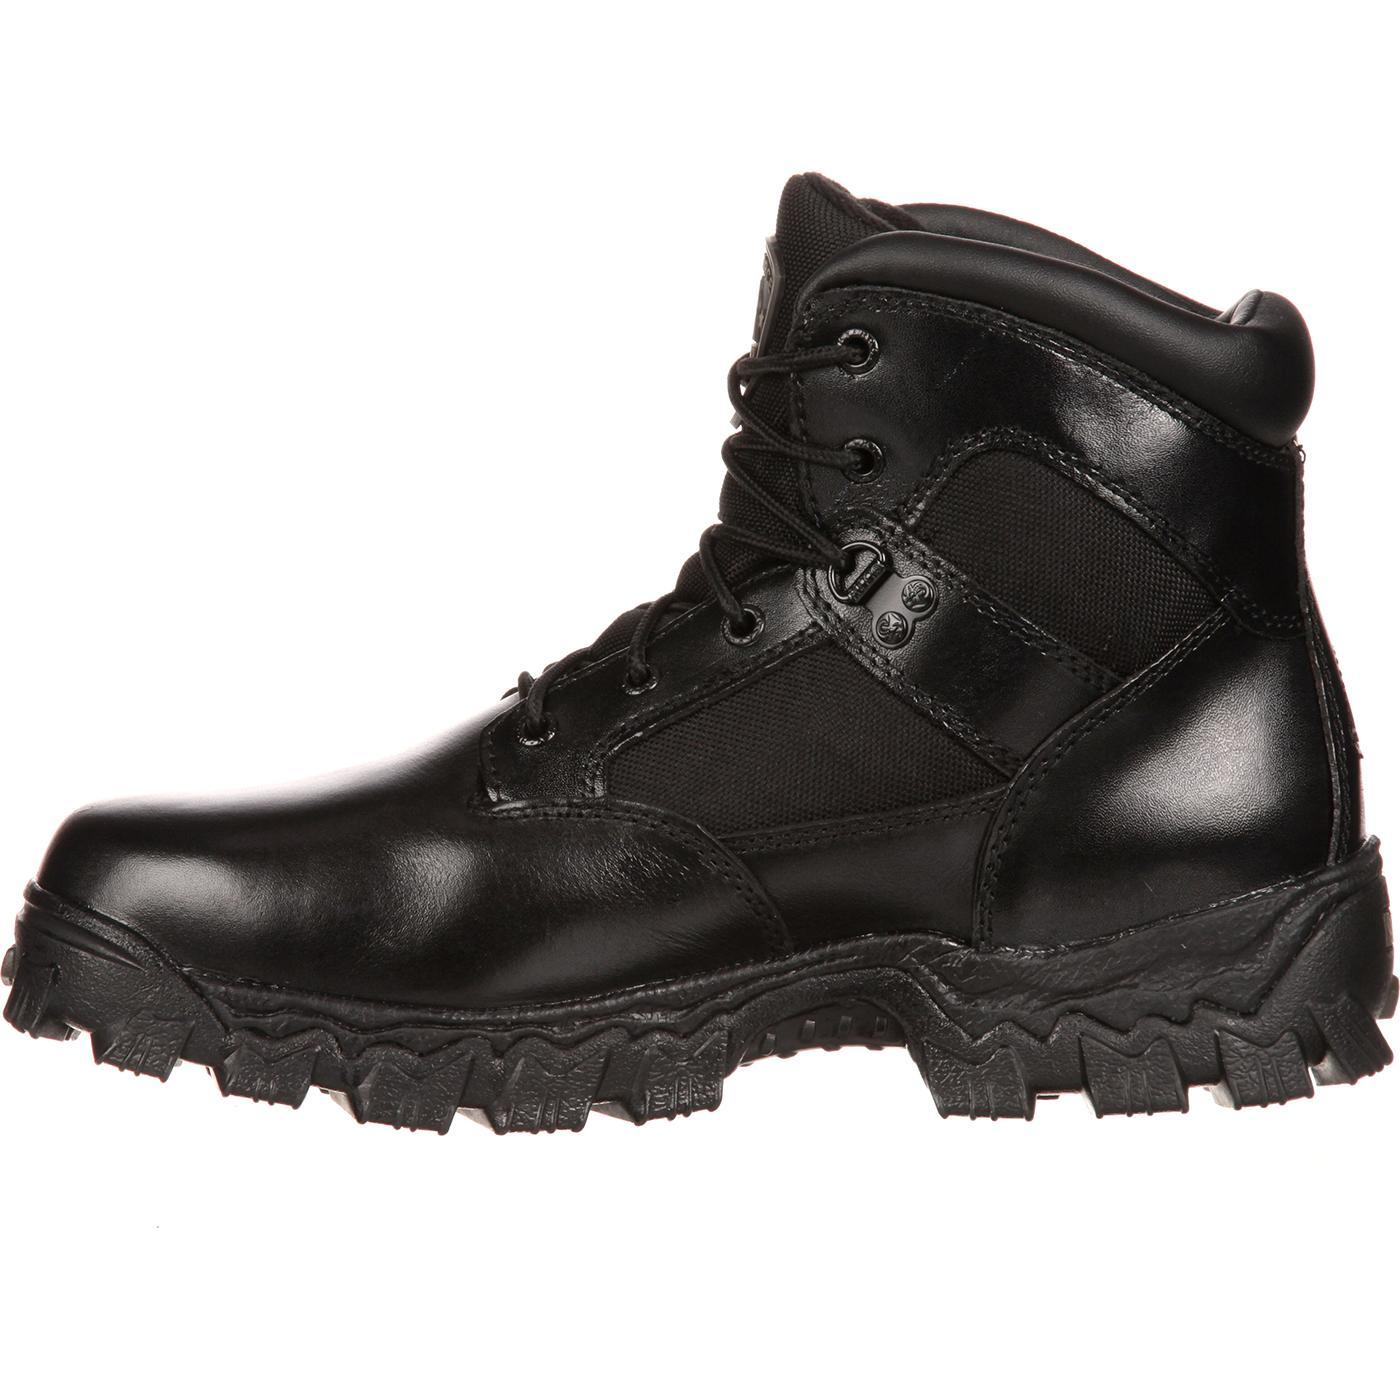 rocky s 6 quot waterproof black duty boots style 2167